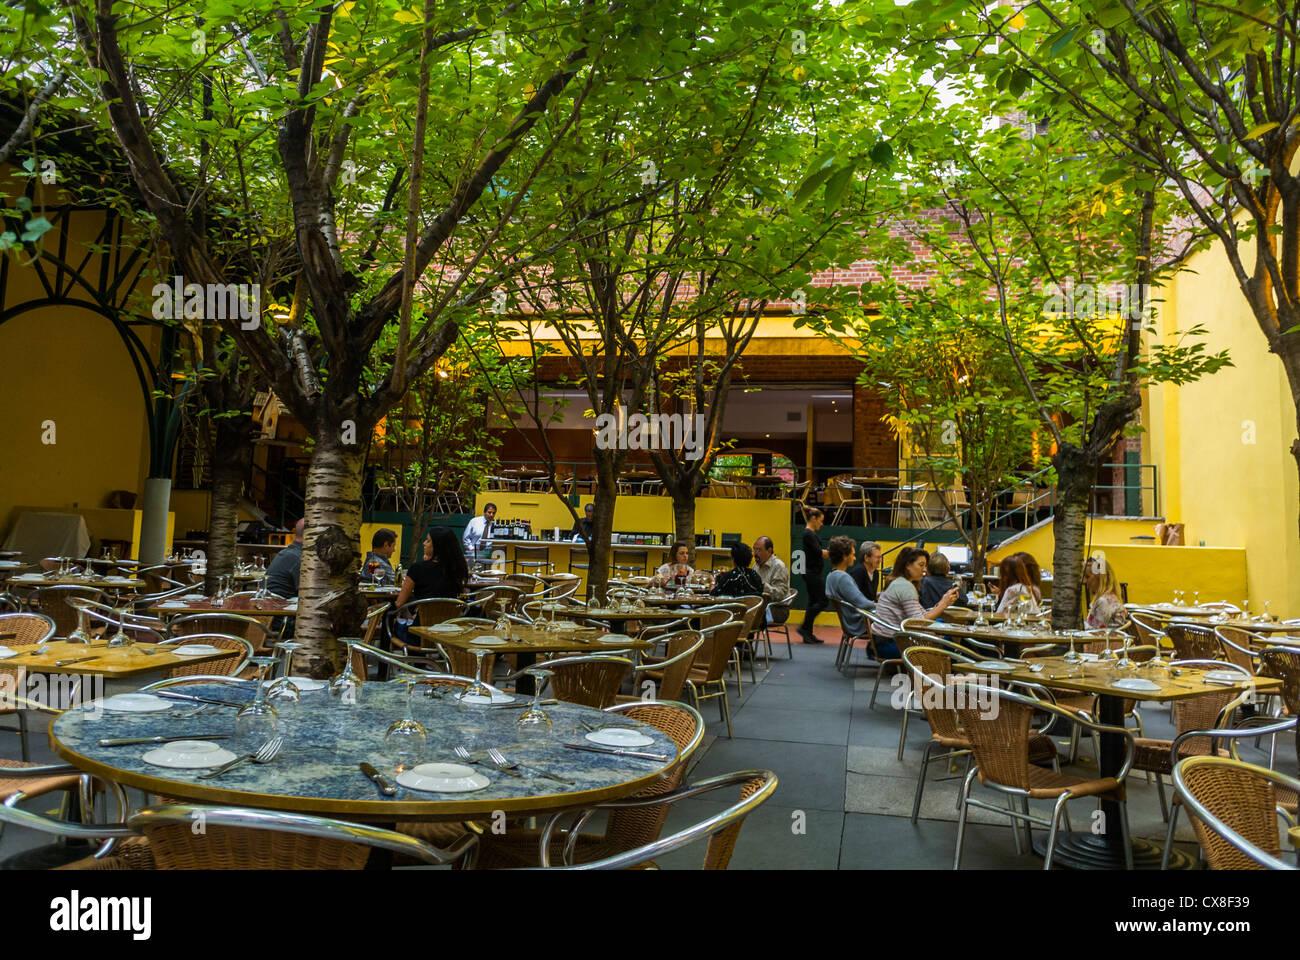 Garden Soho Stock Photos & Garden Soho Stock Images - Alamy